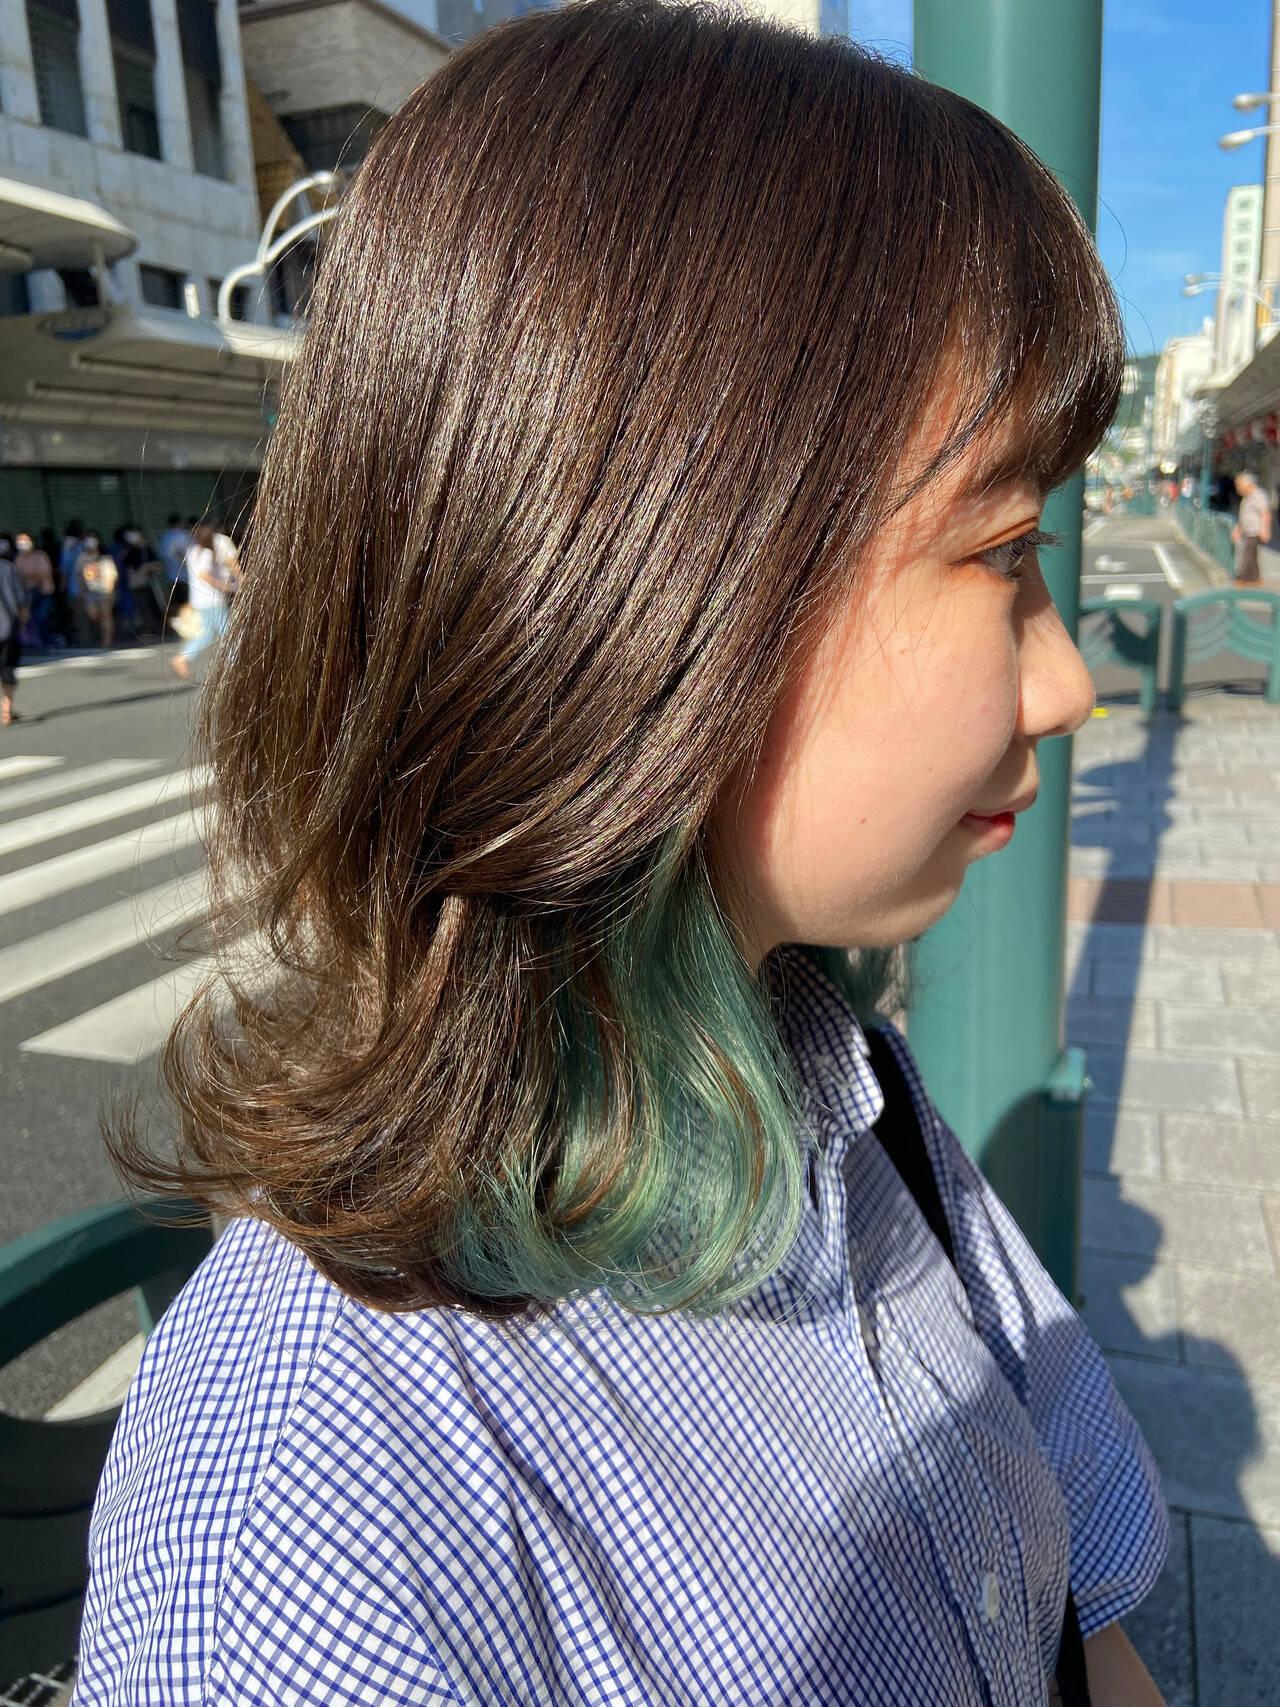 デザインカラー ブリーチカラー ミディアム ウルフカットヘアスタイルや髪型の写真・画像